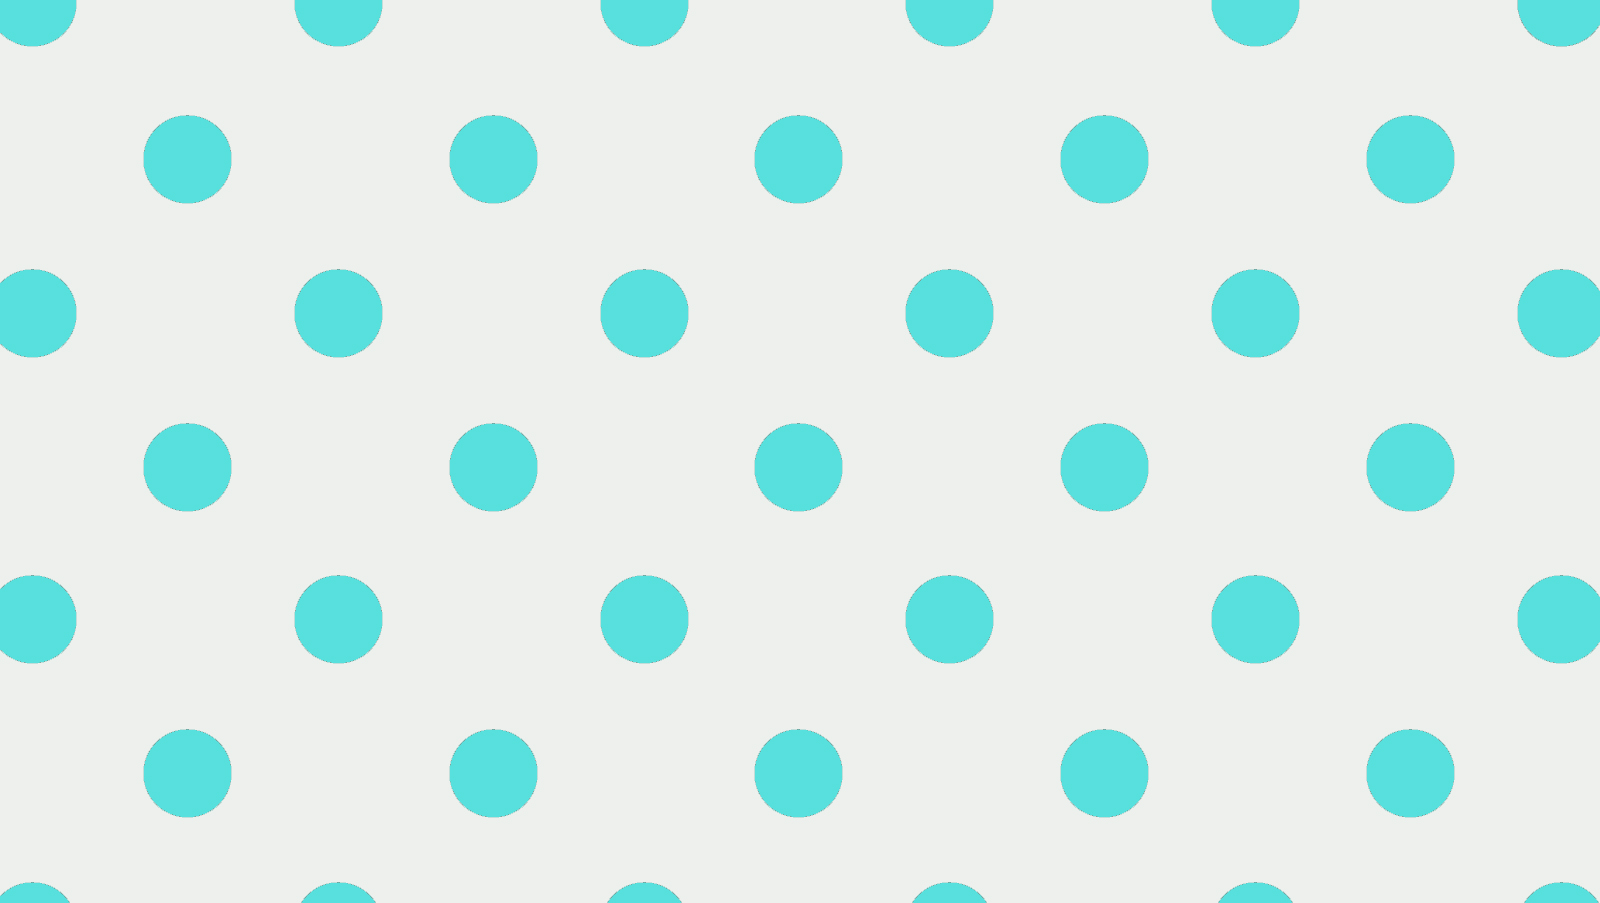 17 Pock A Dots Paper Border Designs Images